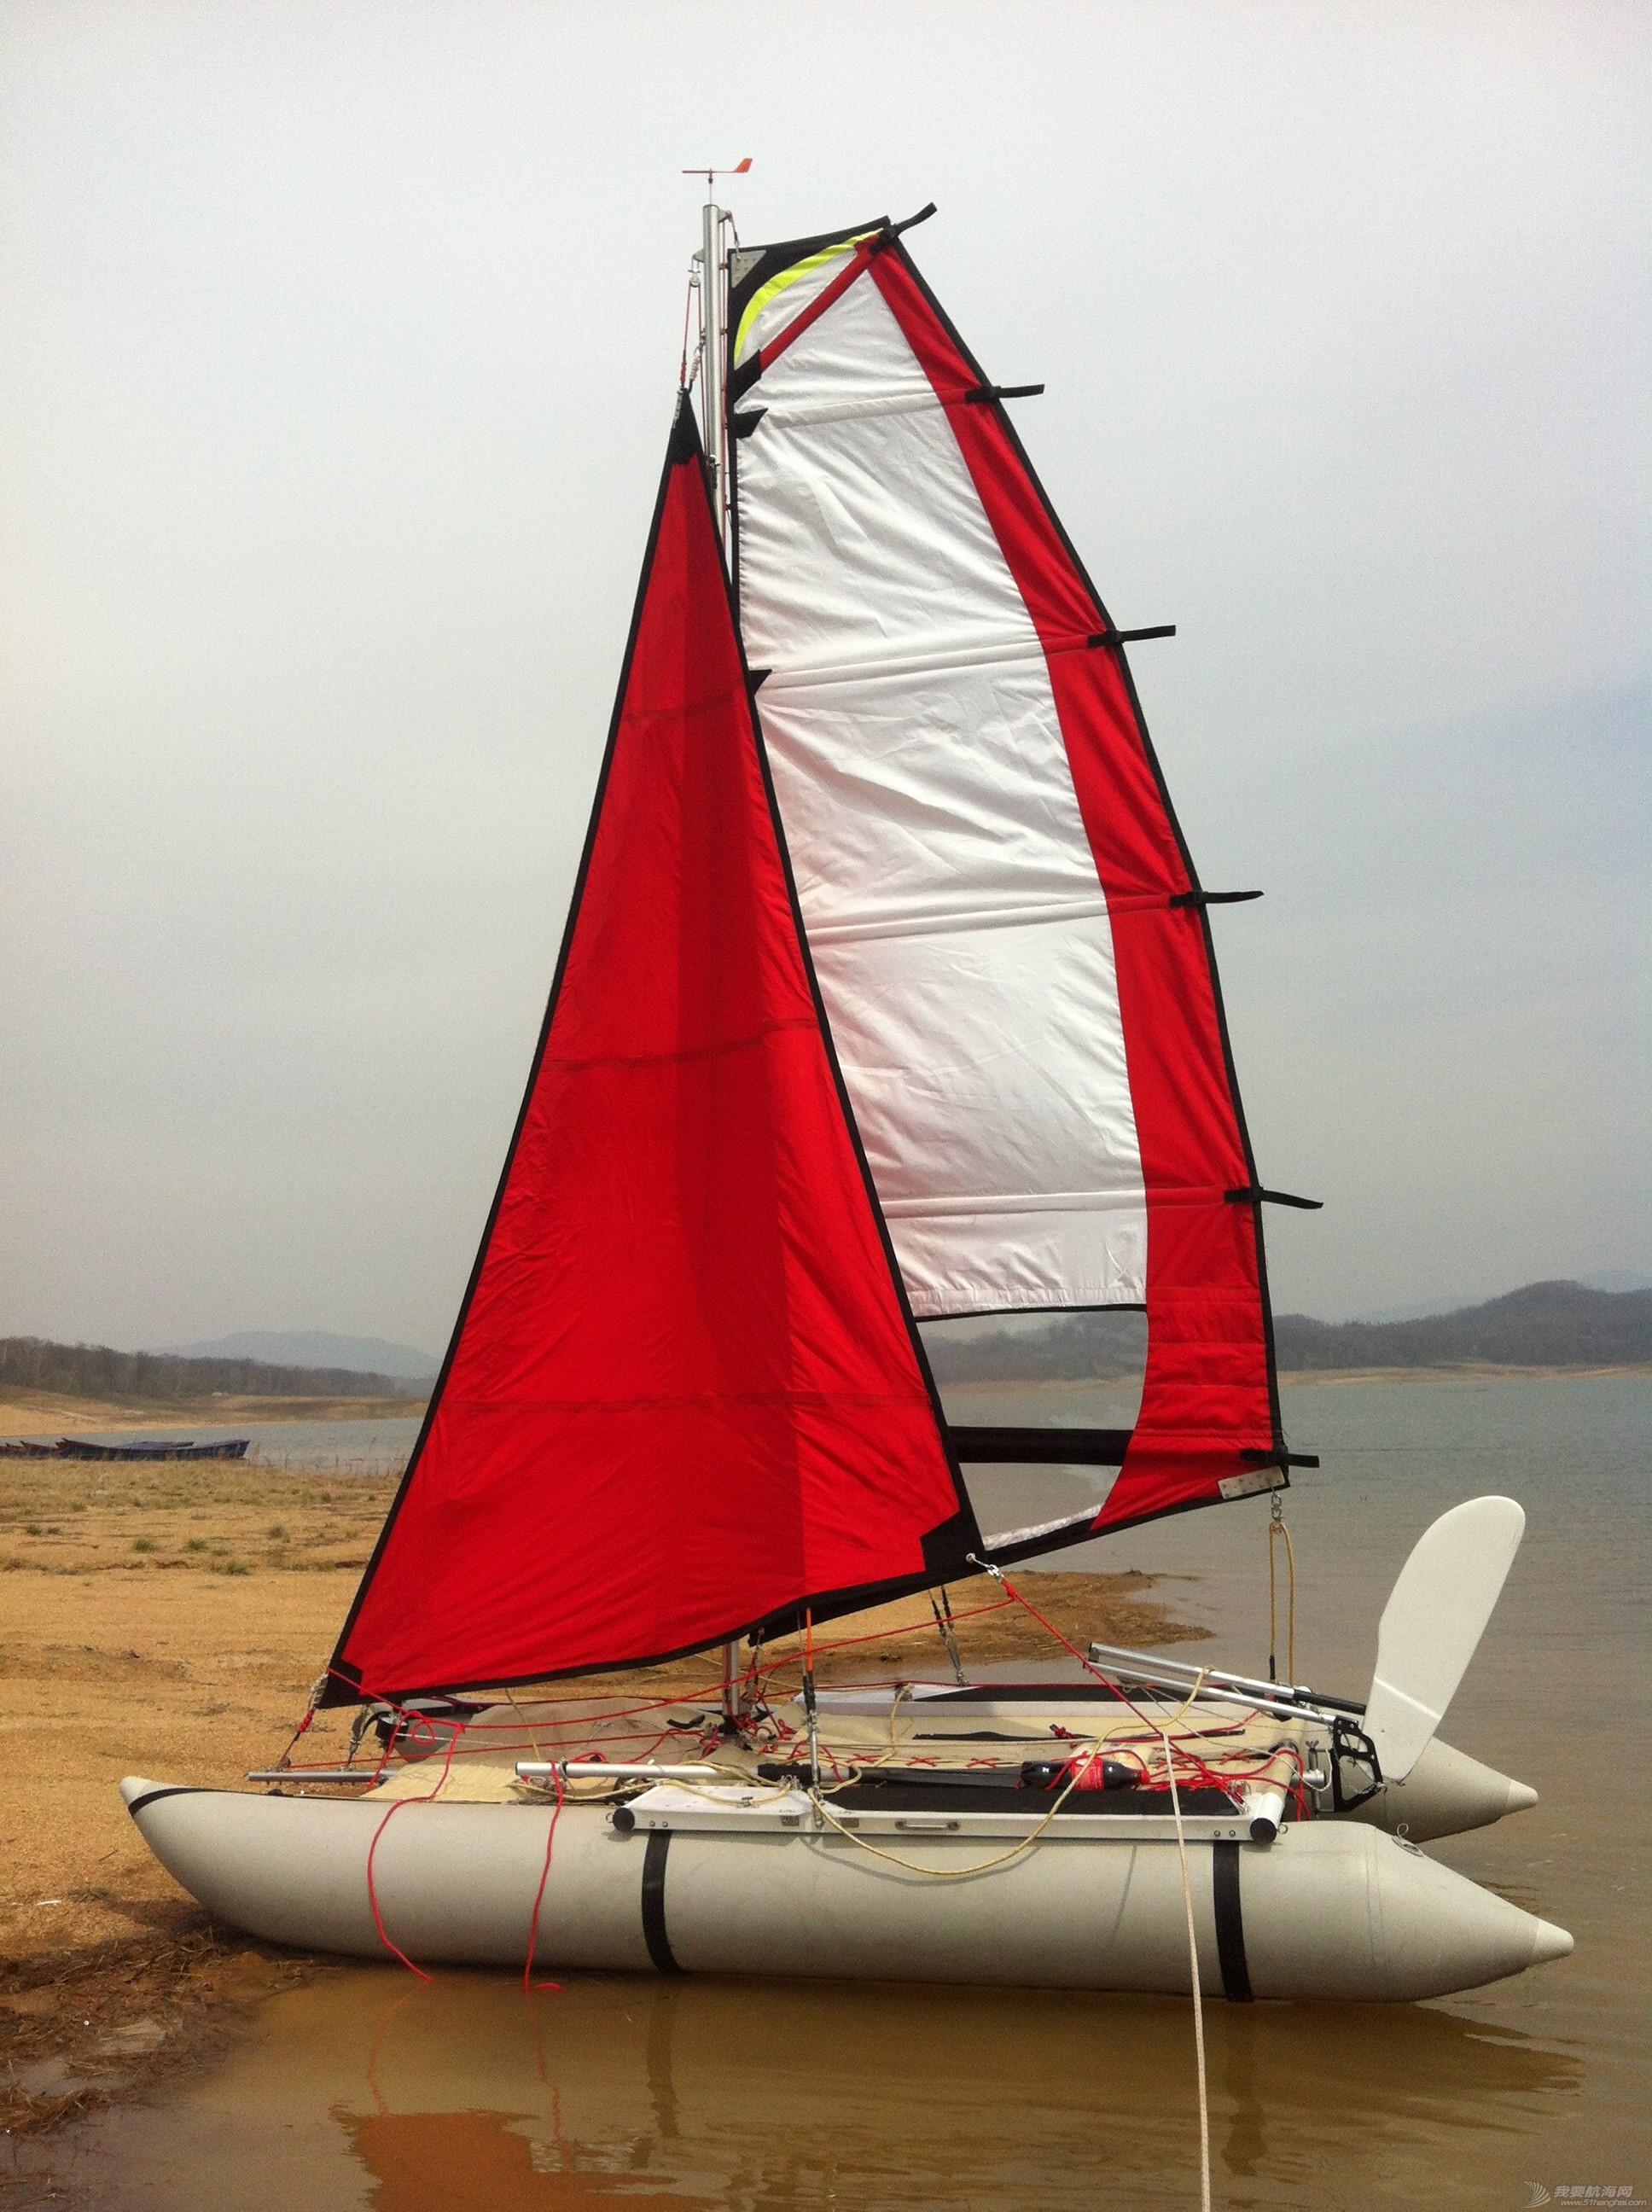 钢丝绳,热那亚,帆船,把手,空间 在家造帆船(下篇) 挂起大前帆